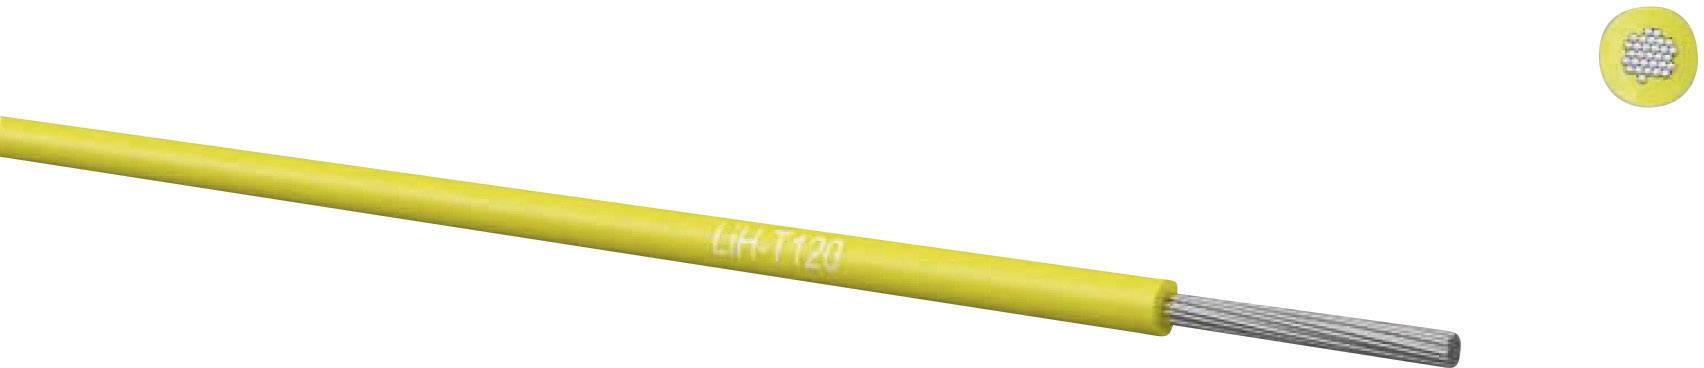 Opletenie / lanko Kabeltronik 65007508 LiH-T, 1 x 0.75 mm², vonkajší Ø 1.70 mm, metrový tovar, červená